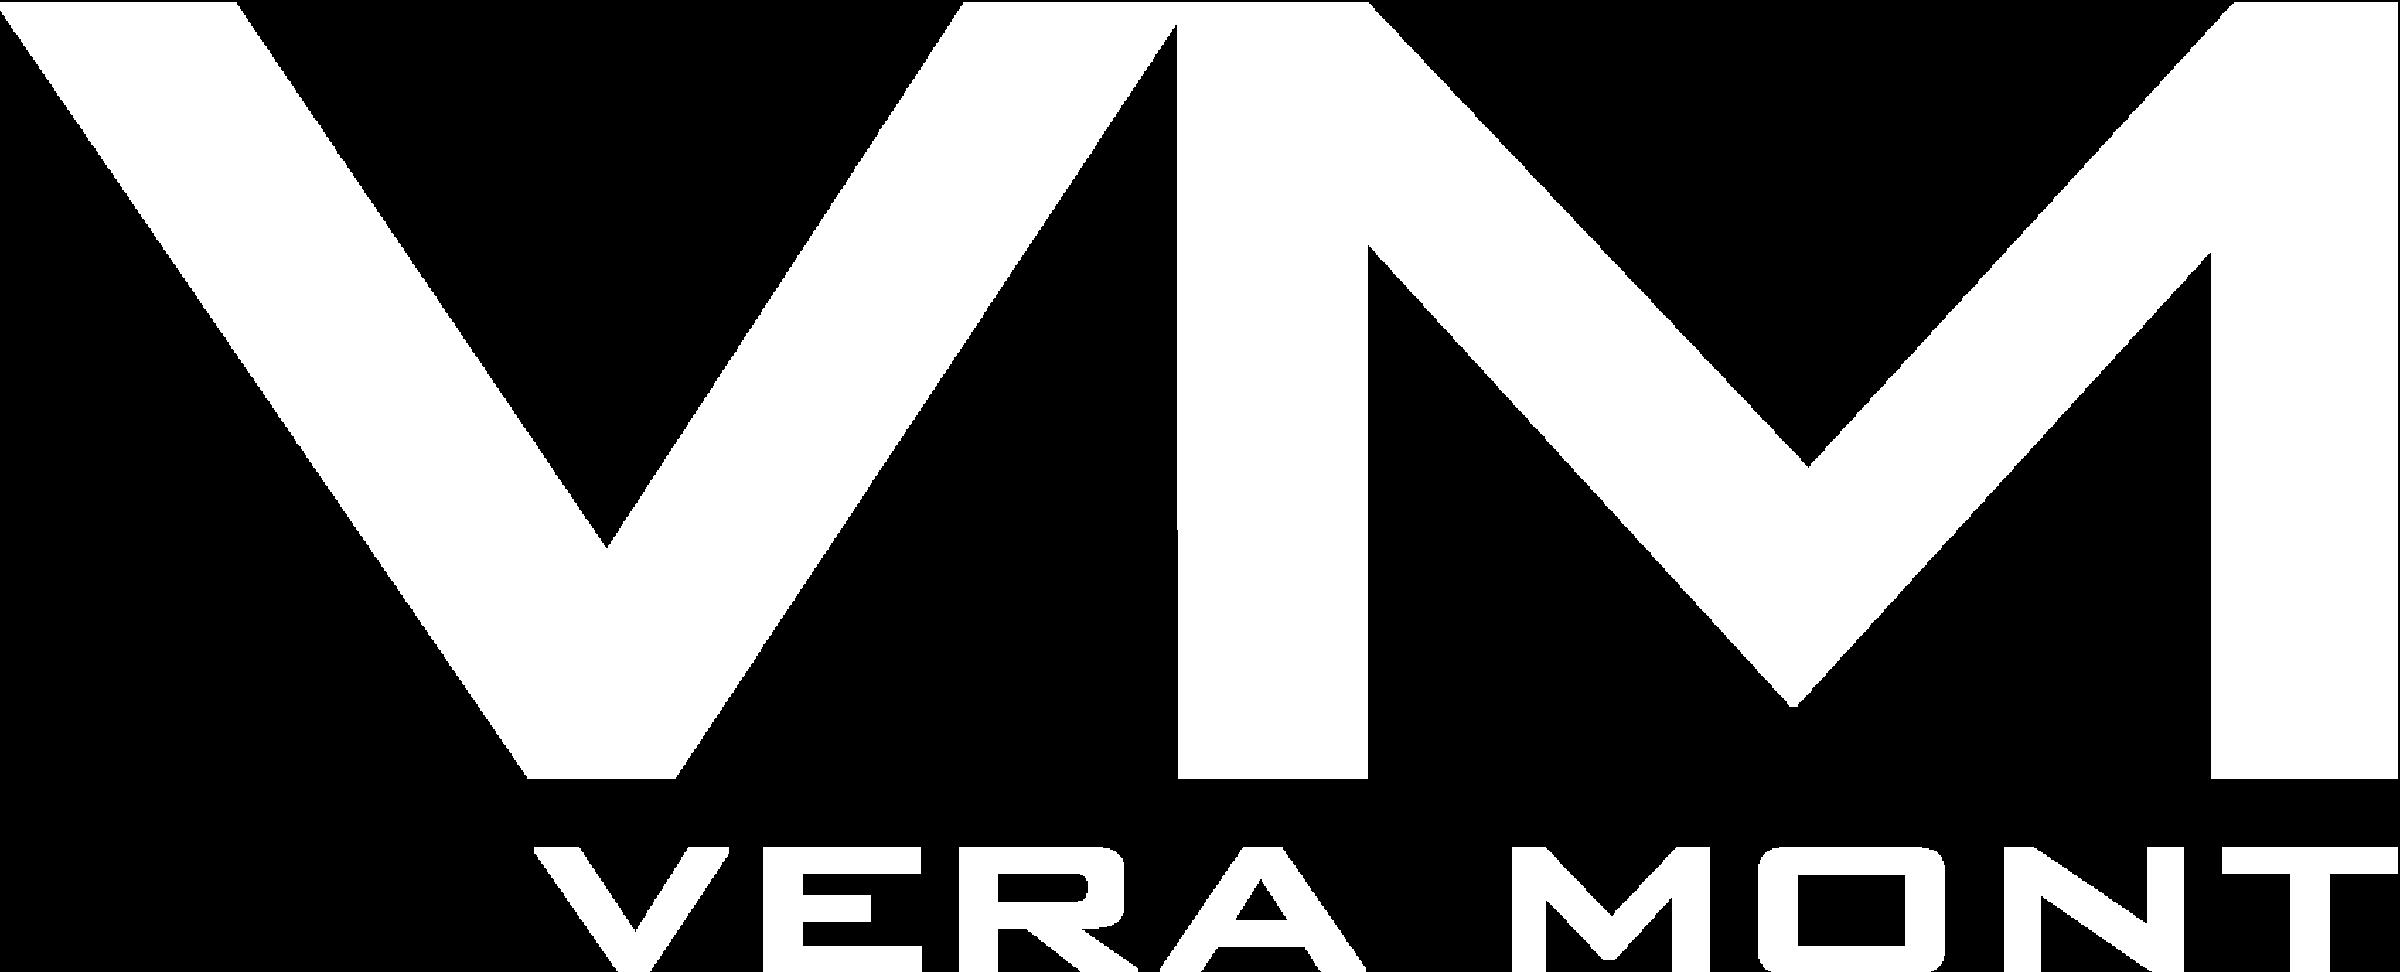 VM VERA MONT Logo